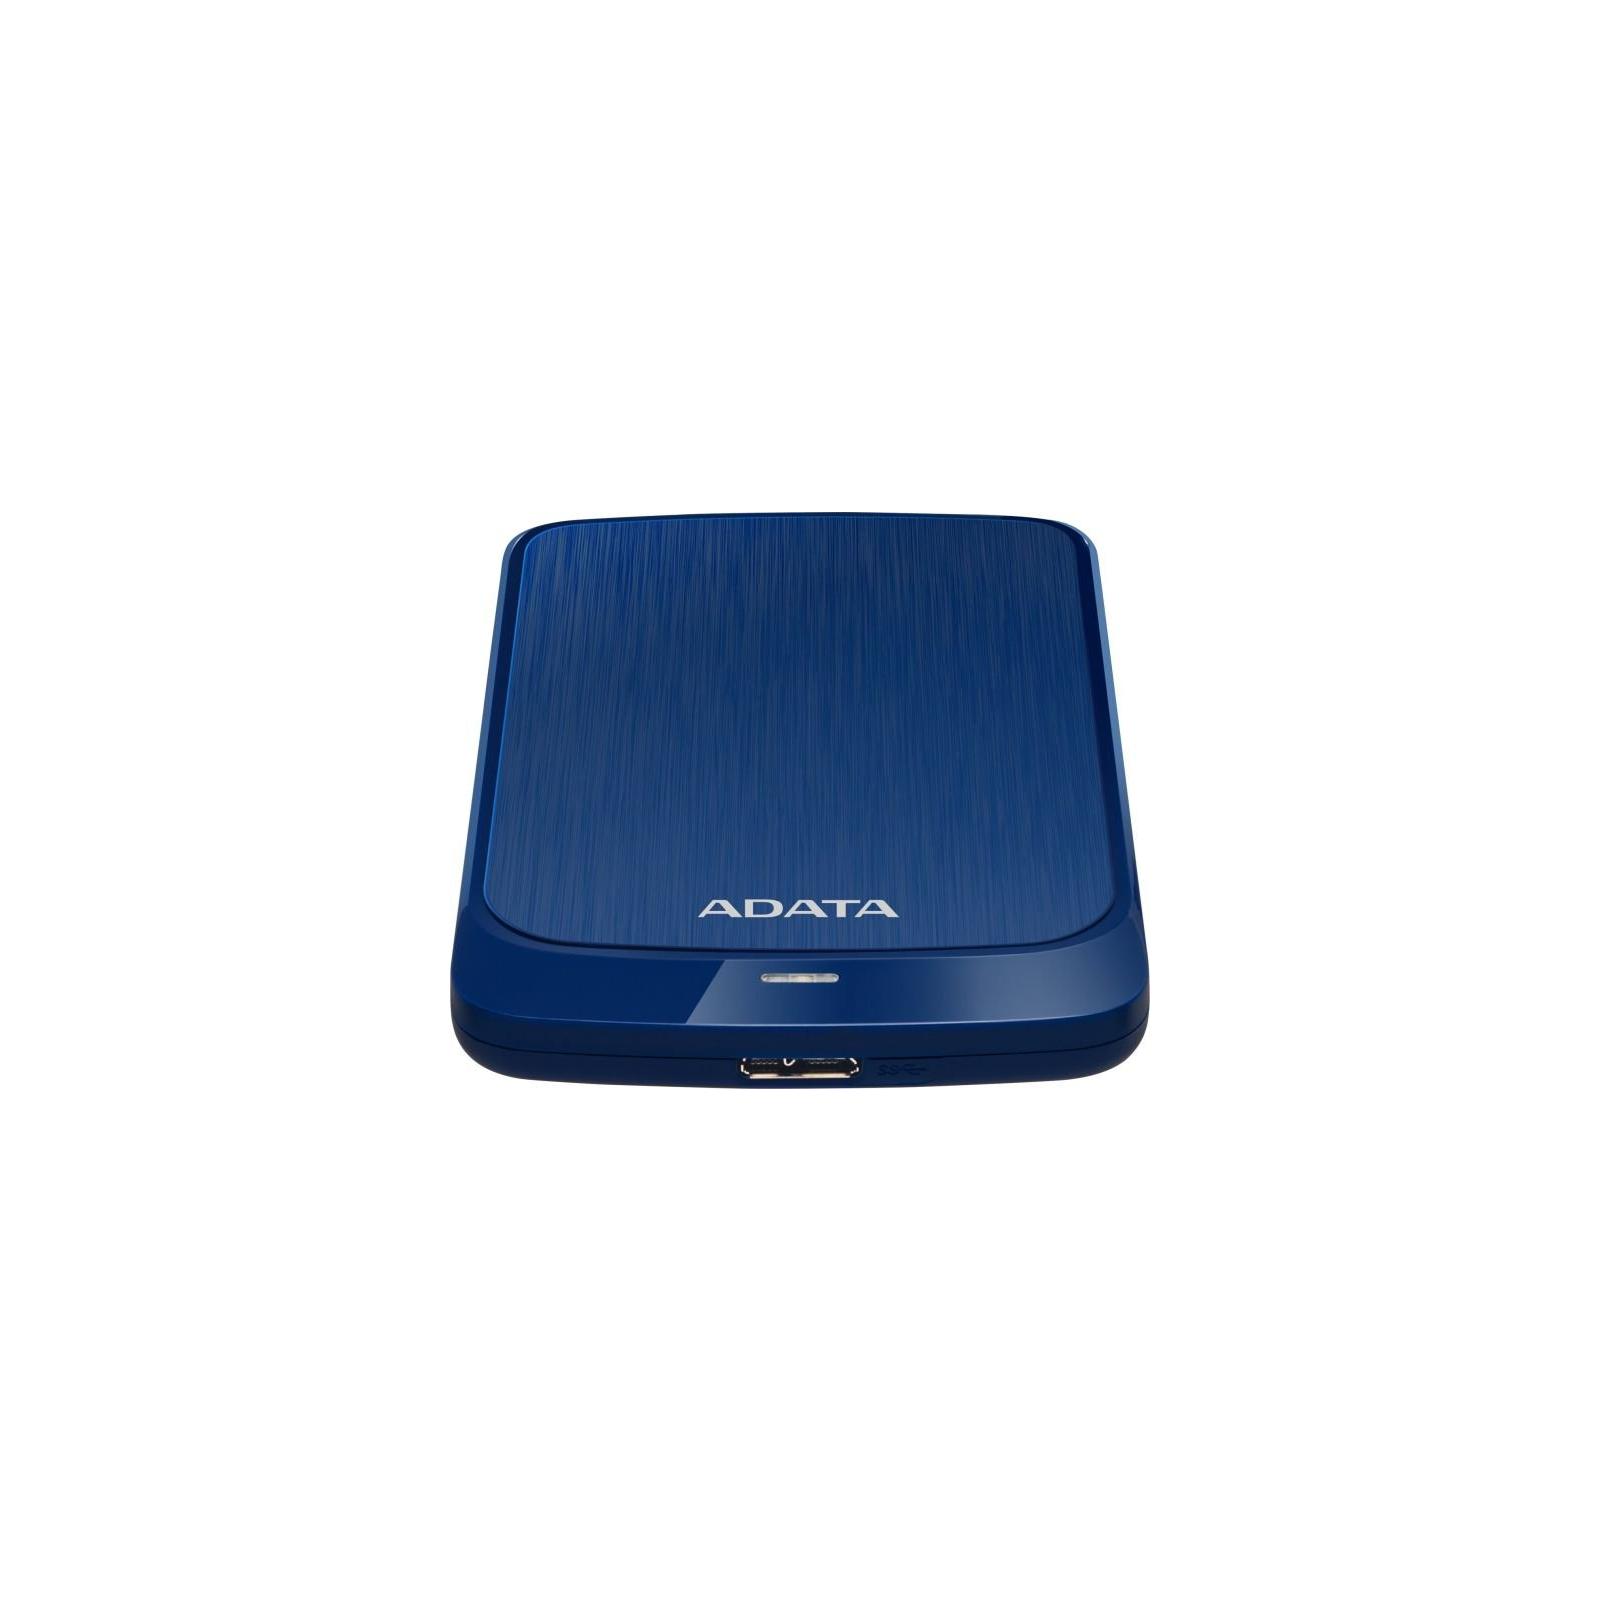 """Внешний жесткий диск 2.5"""" 2TB ADATA (AHV320-2TU31-CBL) изображение 4"""